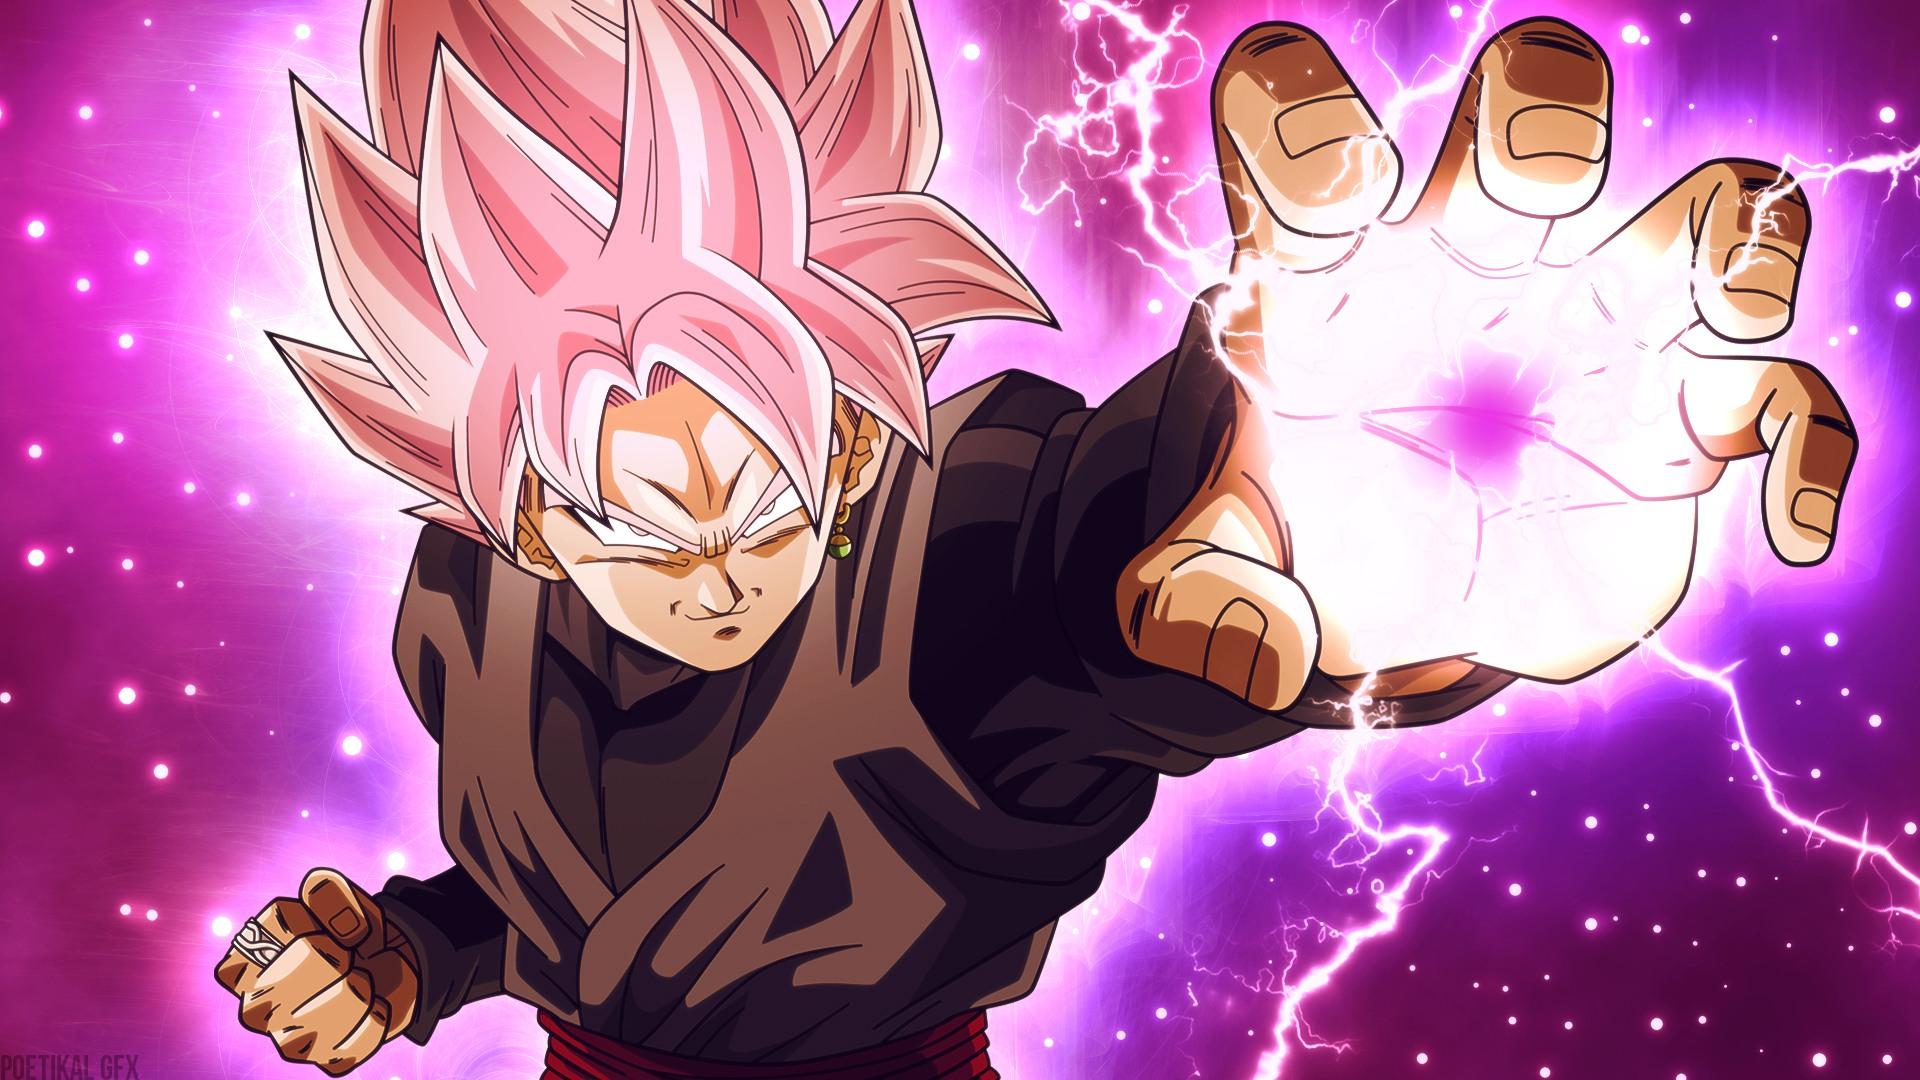 Free Download Goku Black Super Saiyan Rose Dragon Wallpaper 11880